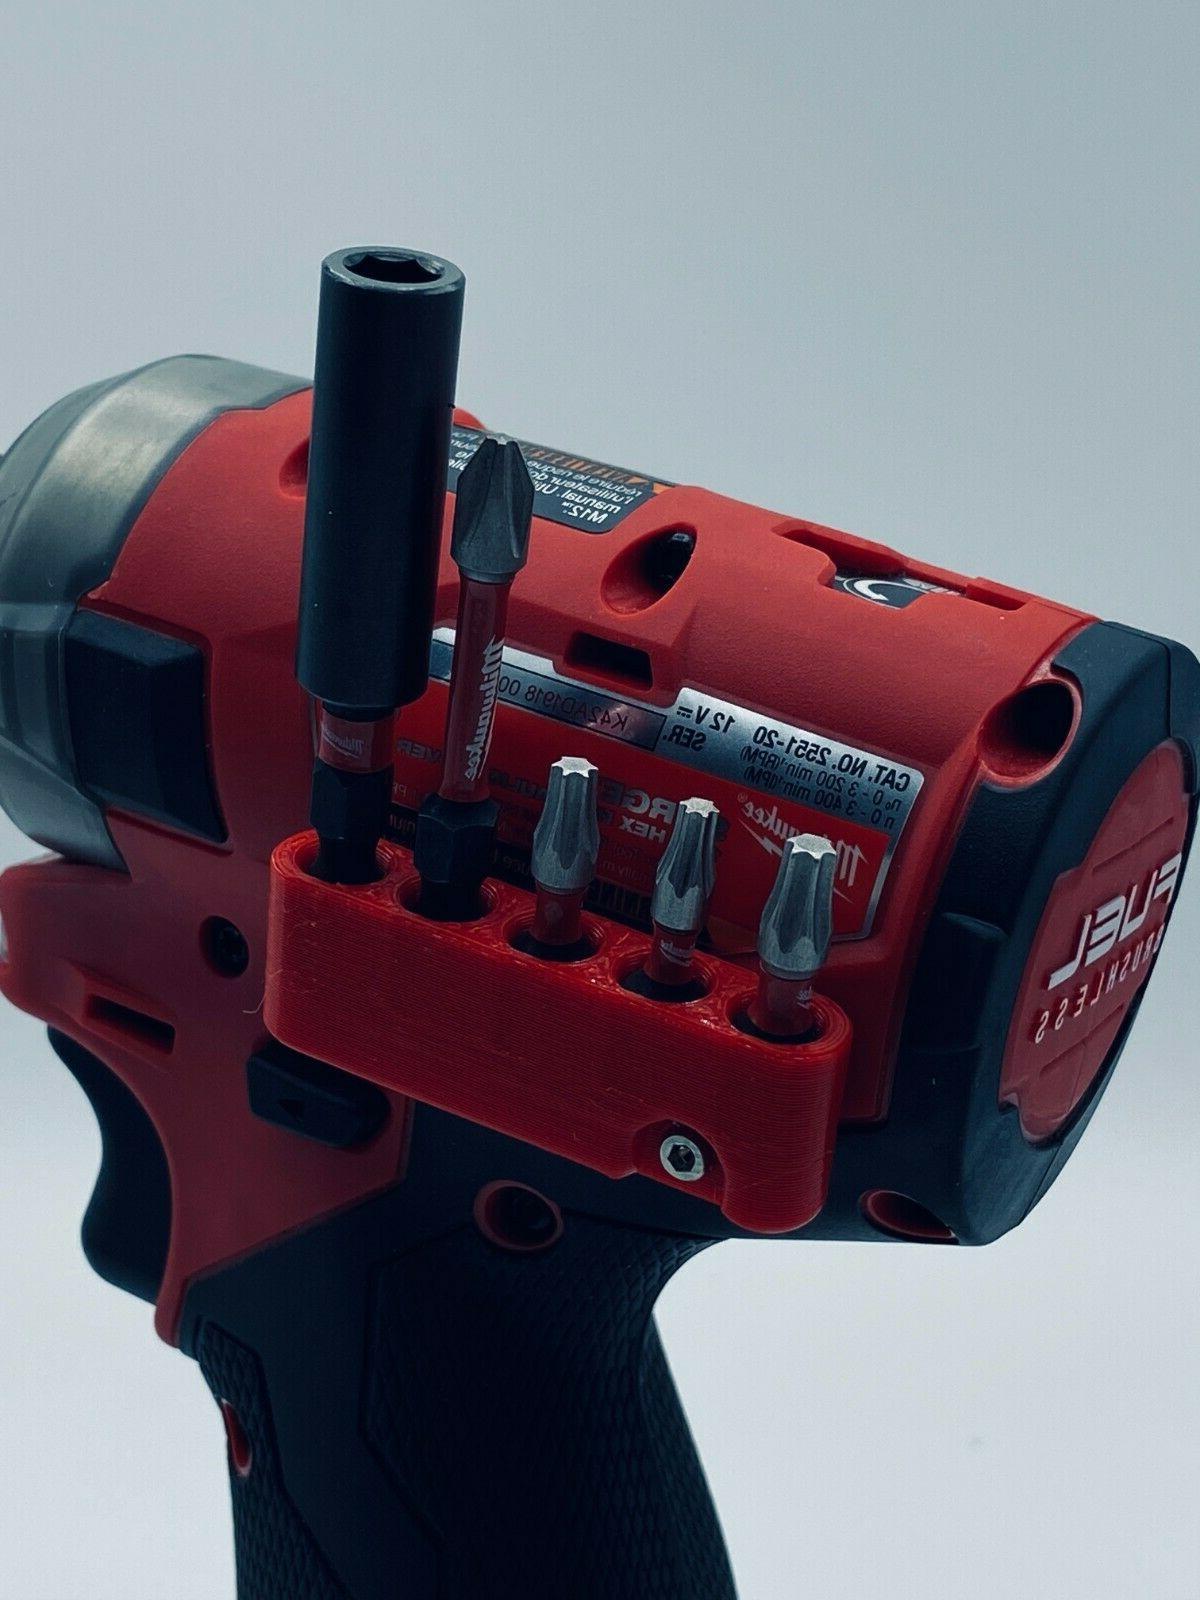 magnetic bit holder for m12 fuel surge